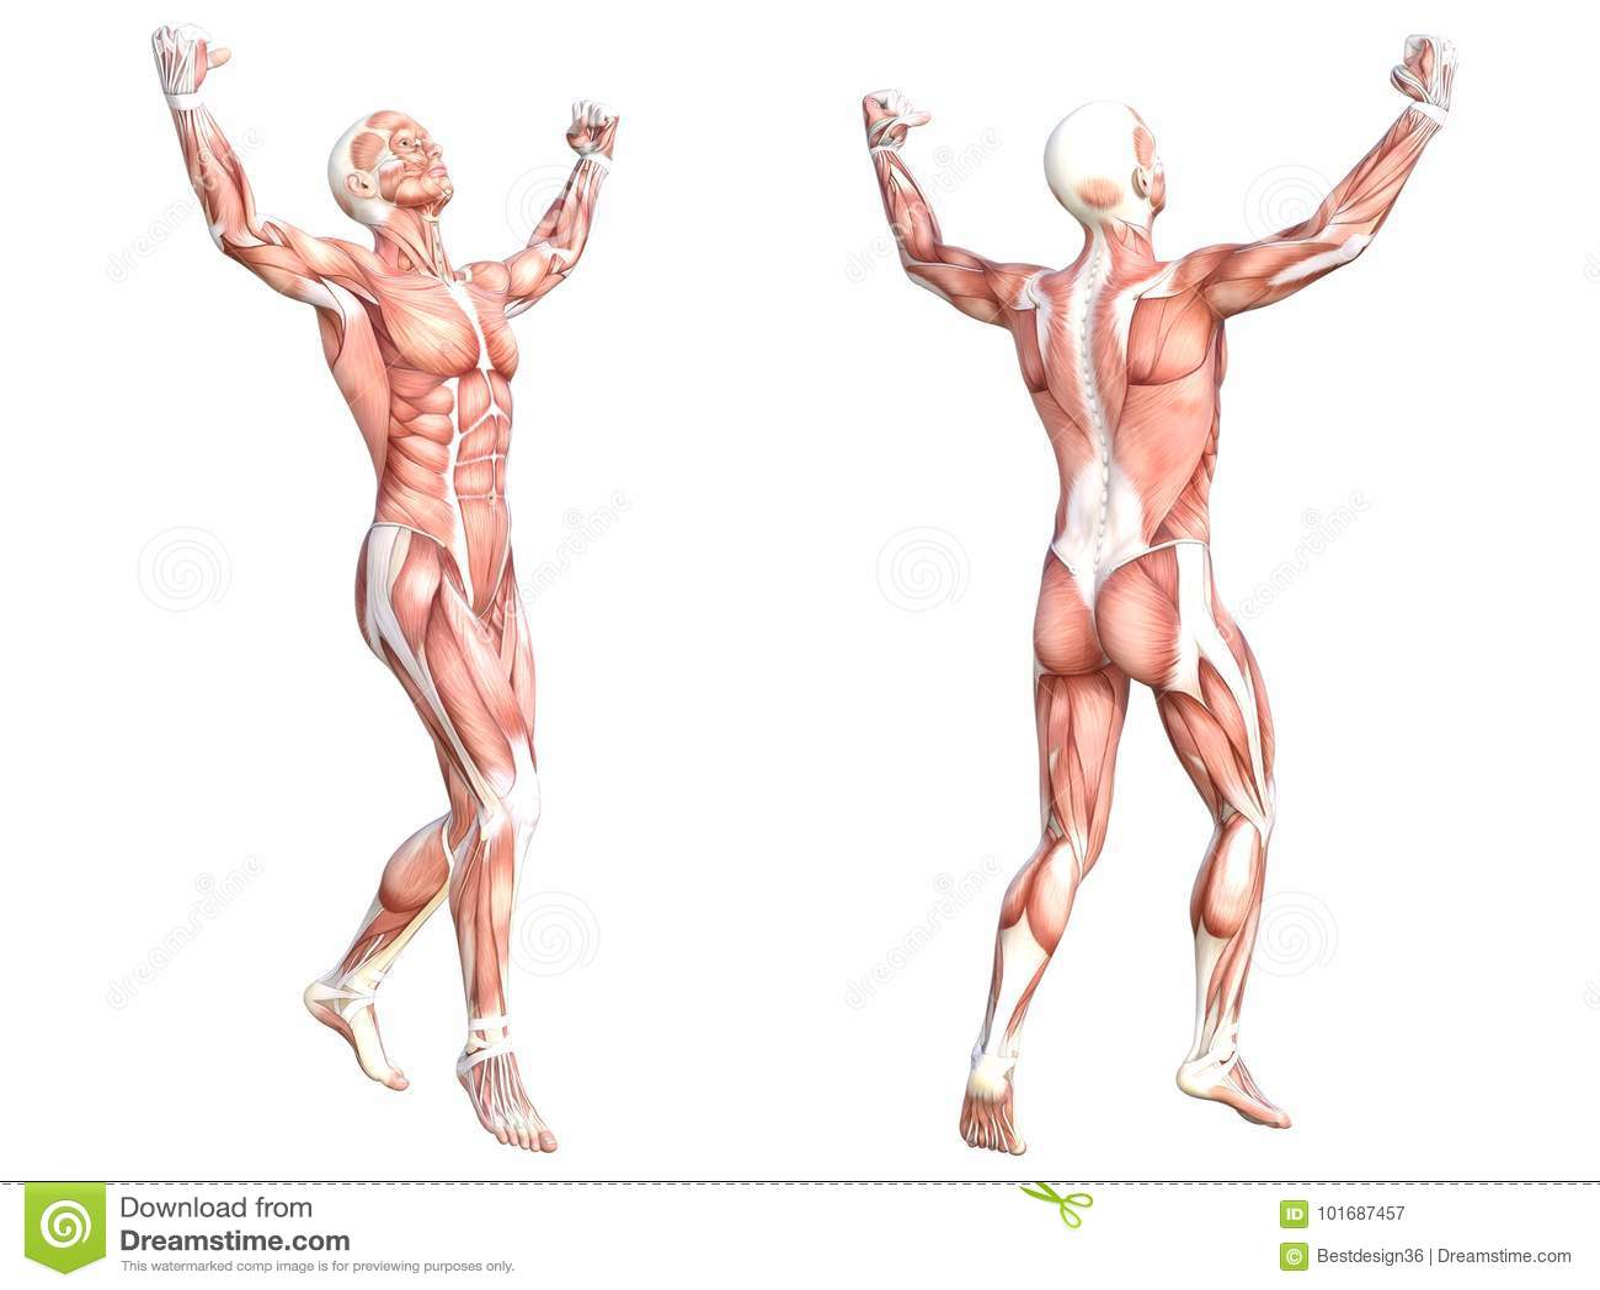 Muskelsystem Des Menschlichen Körpers Der Anatomie Gesundes ...